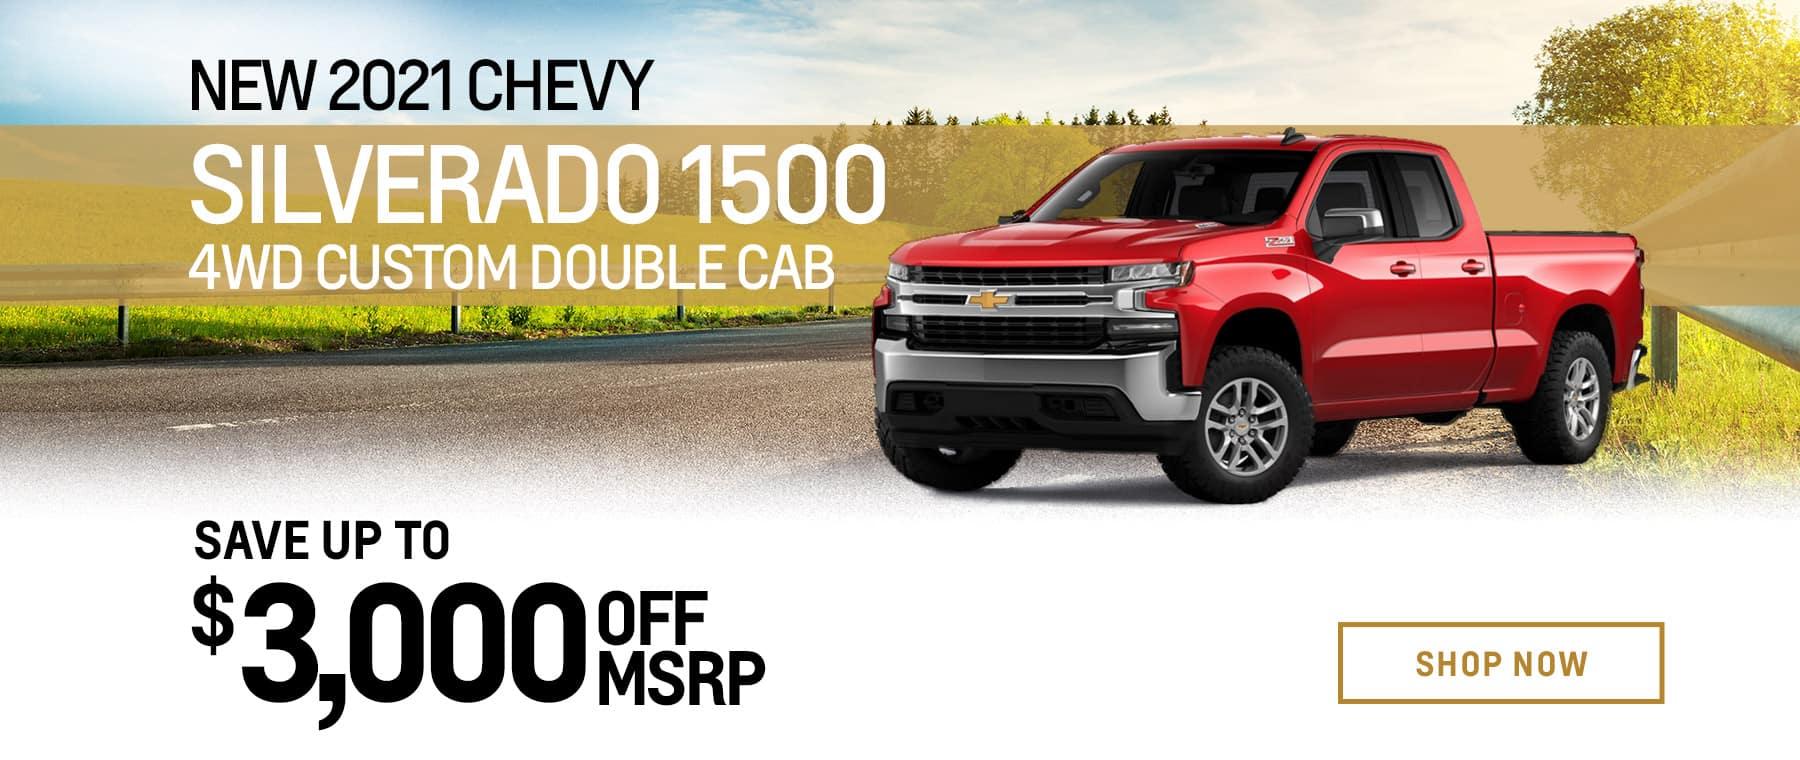 BCO-1800×760-new 2021 CHEVY_Silverado 1500_4WD Custom DOUBLE Cab_-0621